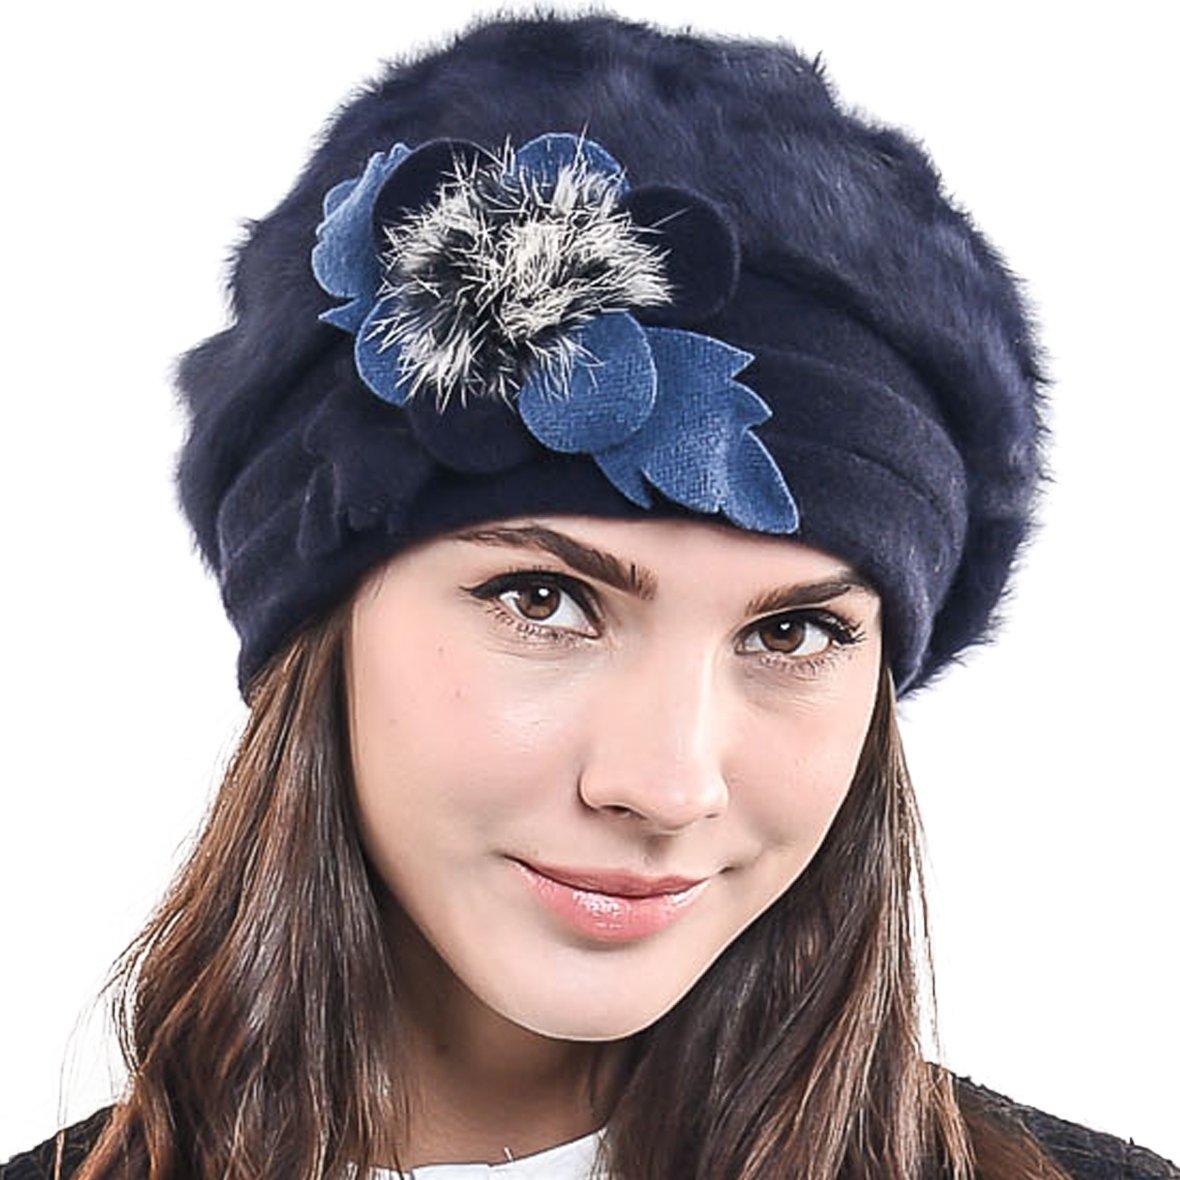 F&N STORY Women's Elegant Flower Wool Cloche Bucket Ridgy Bowler Hat 09-co20